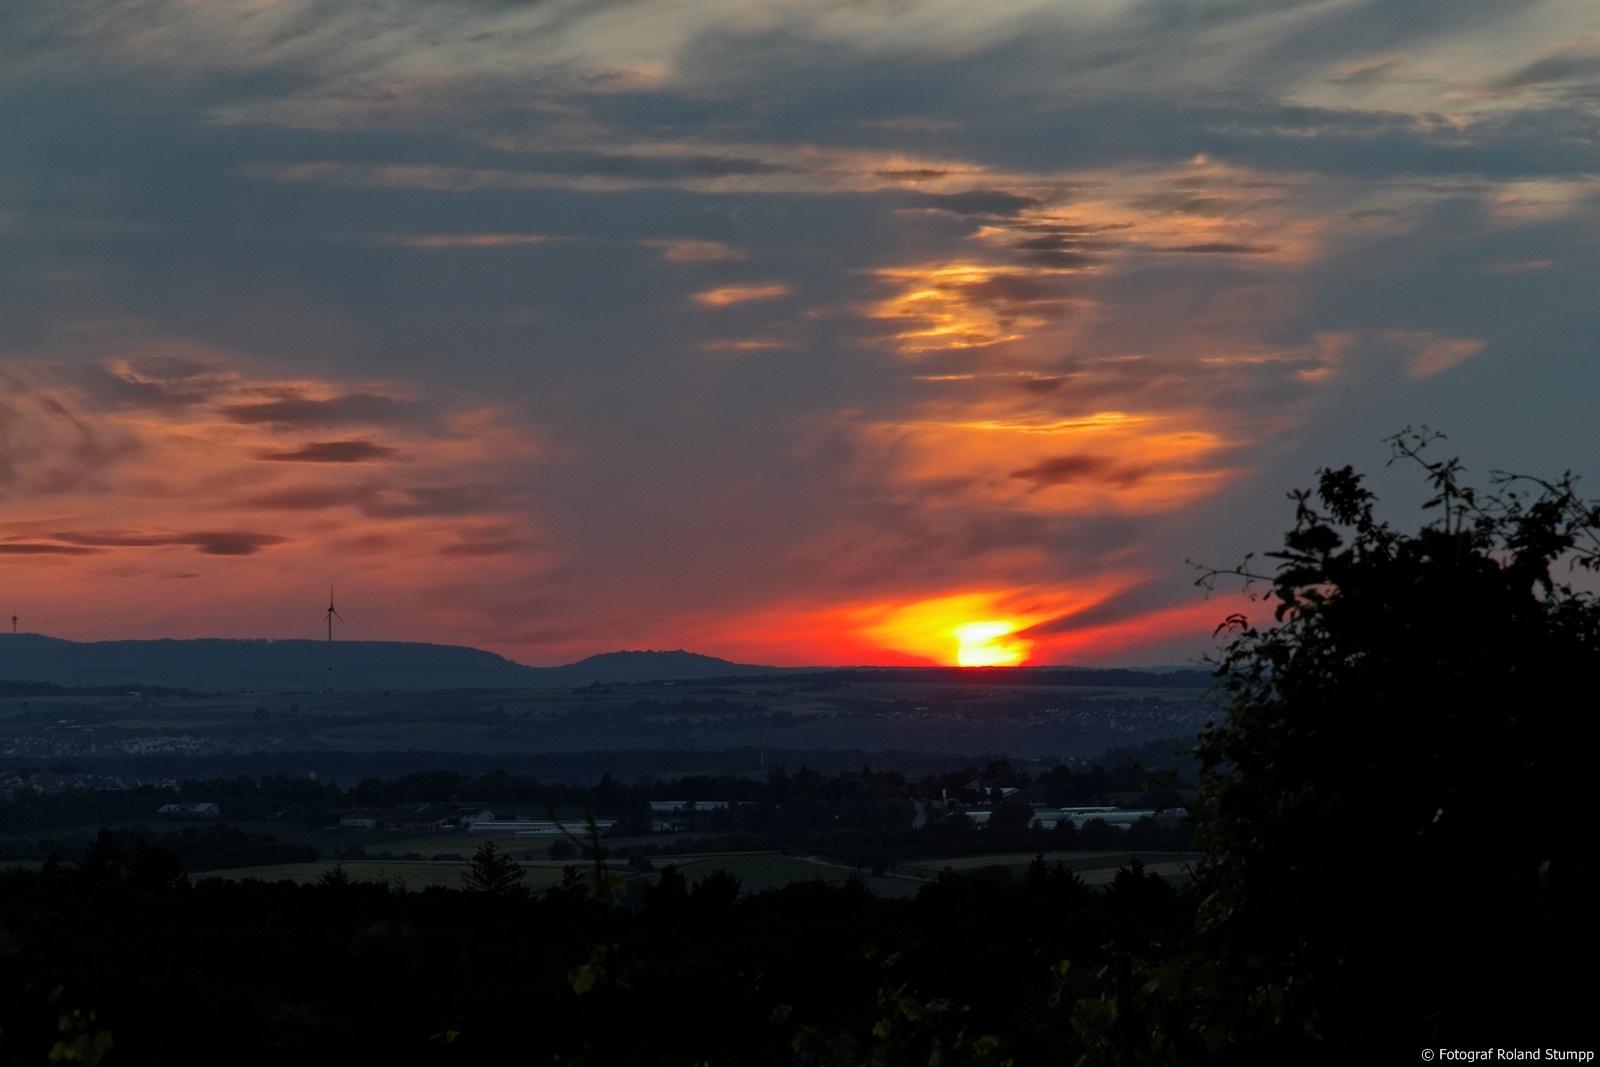 Sonnenuntergang in Affalterbach vom Lemberg Richtung Ludwigsburg